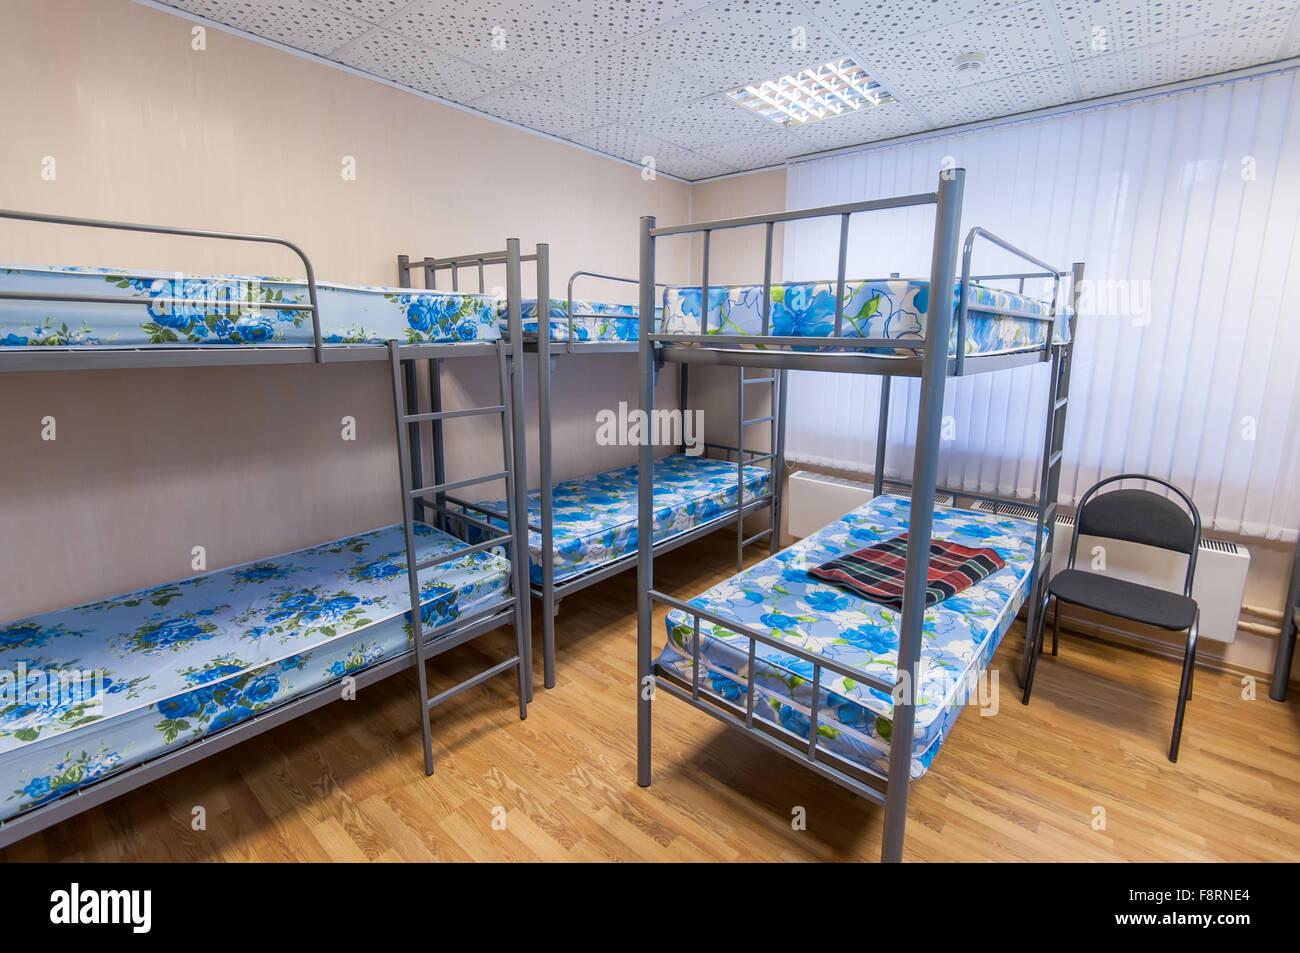 Etagenbett Jugendherberge : Jugendherberge eduard heinrich haus breitfussalm etagenbetten